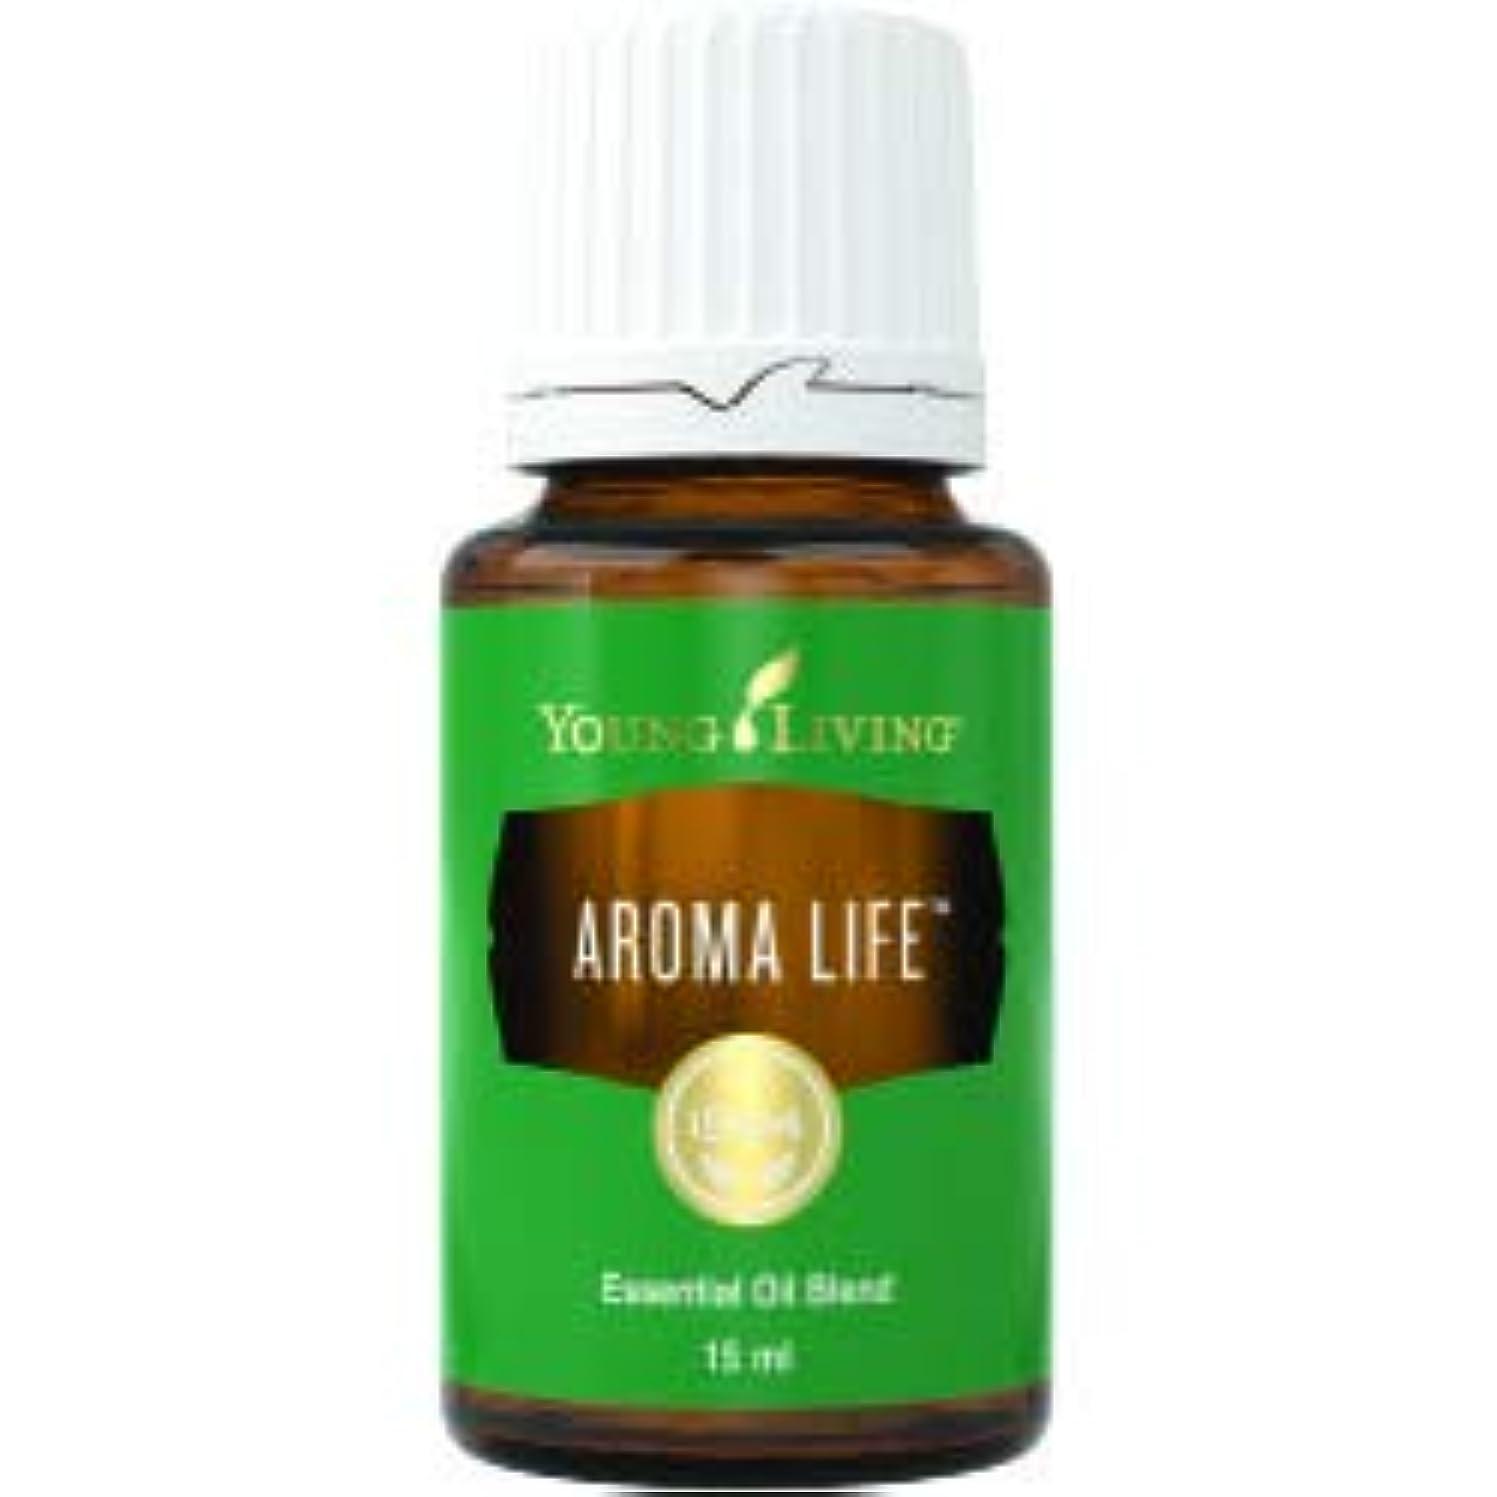 スイチャレンジなすアロマライフ™は、イランイランの調和効果と既知の大手サイプレス、ヘリクリサム、マジョラムを組み合わせたものです。オイルブレンドはあなたの生命力を活性化し、リラックスをもたらします Aroma Life Essential...